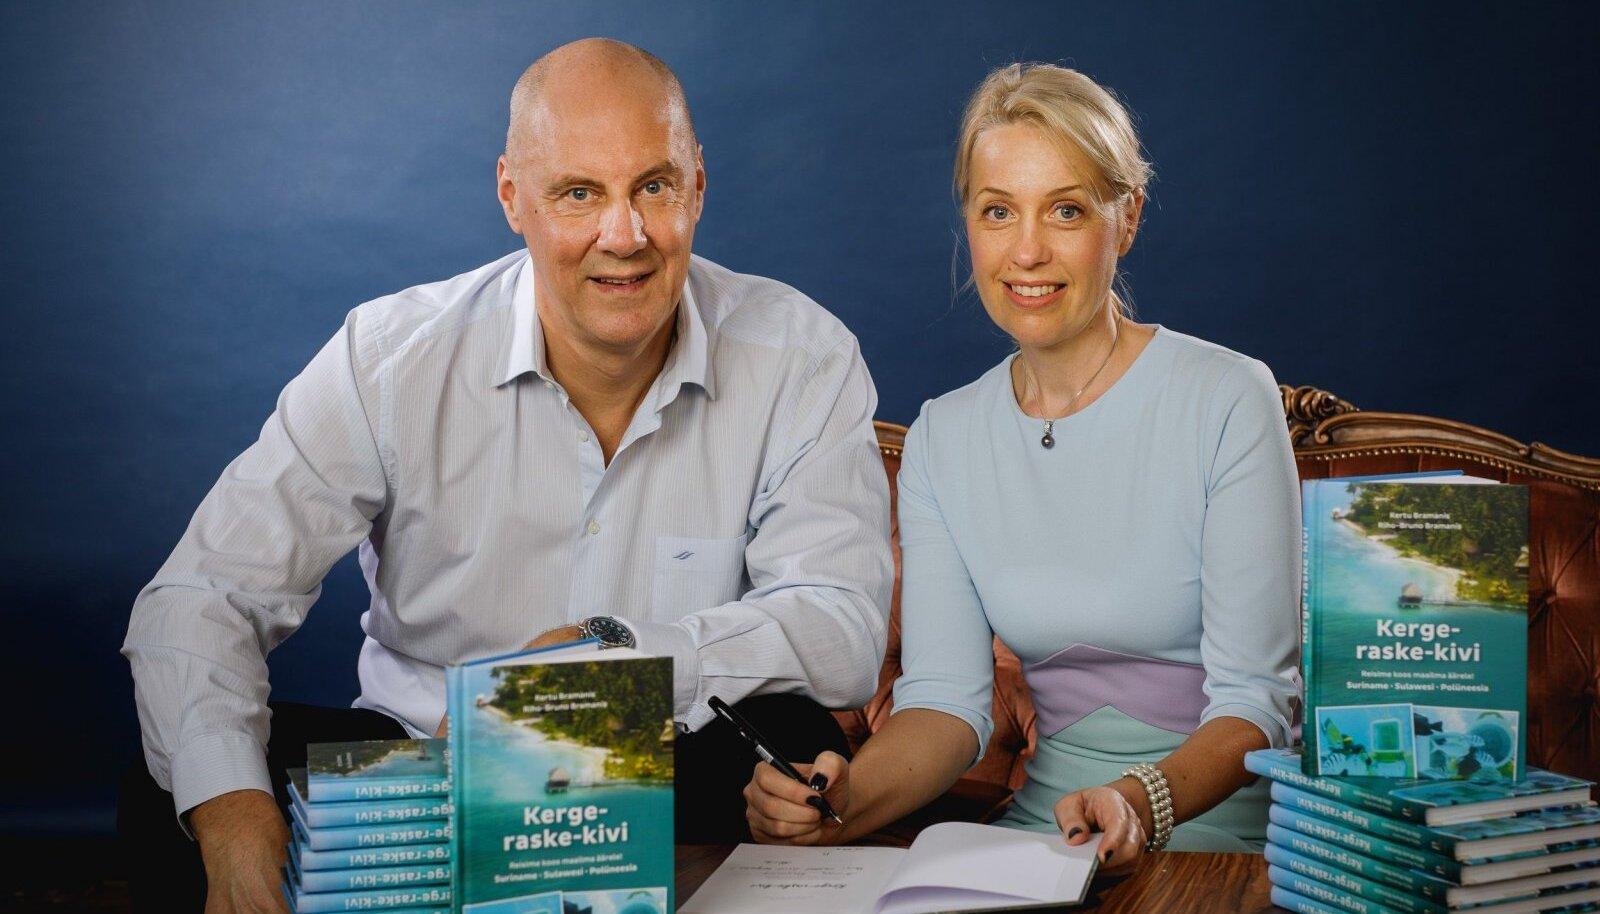 """LEEVENDAVAD REISIIGATSUST Riho ja ta abikaasa Kertu andsid välja oma reisikogemusi kirjeldava raamatu """"Kerge-raske-kivi"""", kus nad viivad lugeja kolmele reisile: Amazonase auravasse vihmametsa Surinames, mägismaahõimu juurde Sulawesi saarele Indoneesias ja Vaikse ookeani troopilisse paradiisi Prantsuse-Polüneesiasse ning Lihavõttesaarele. Autorid loodavad, et ehk leevendab raamat piirangute ajal veidikenegi reisiigatsust."""